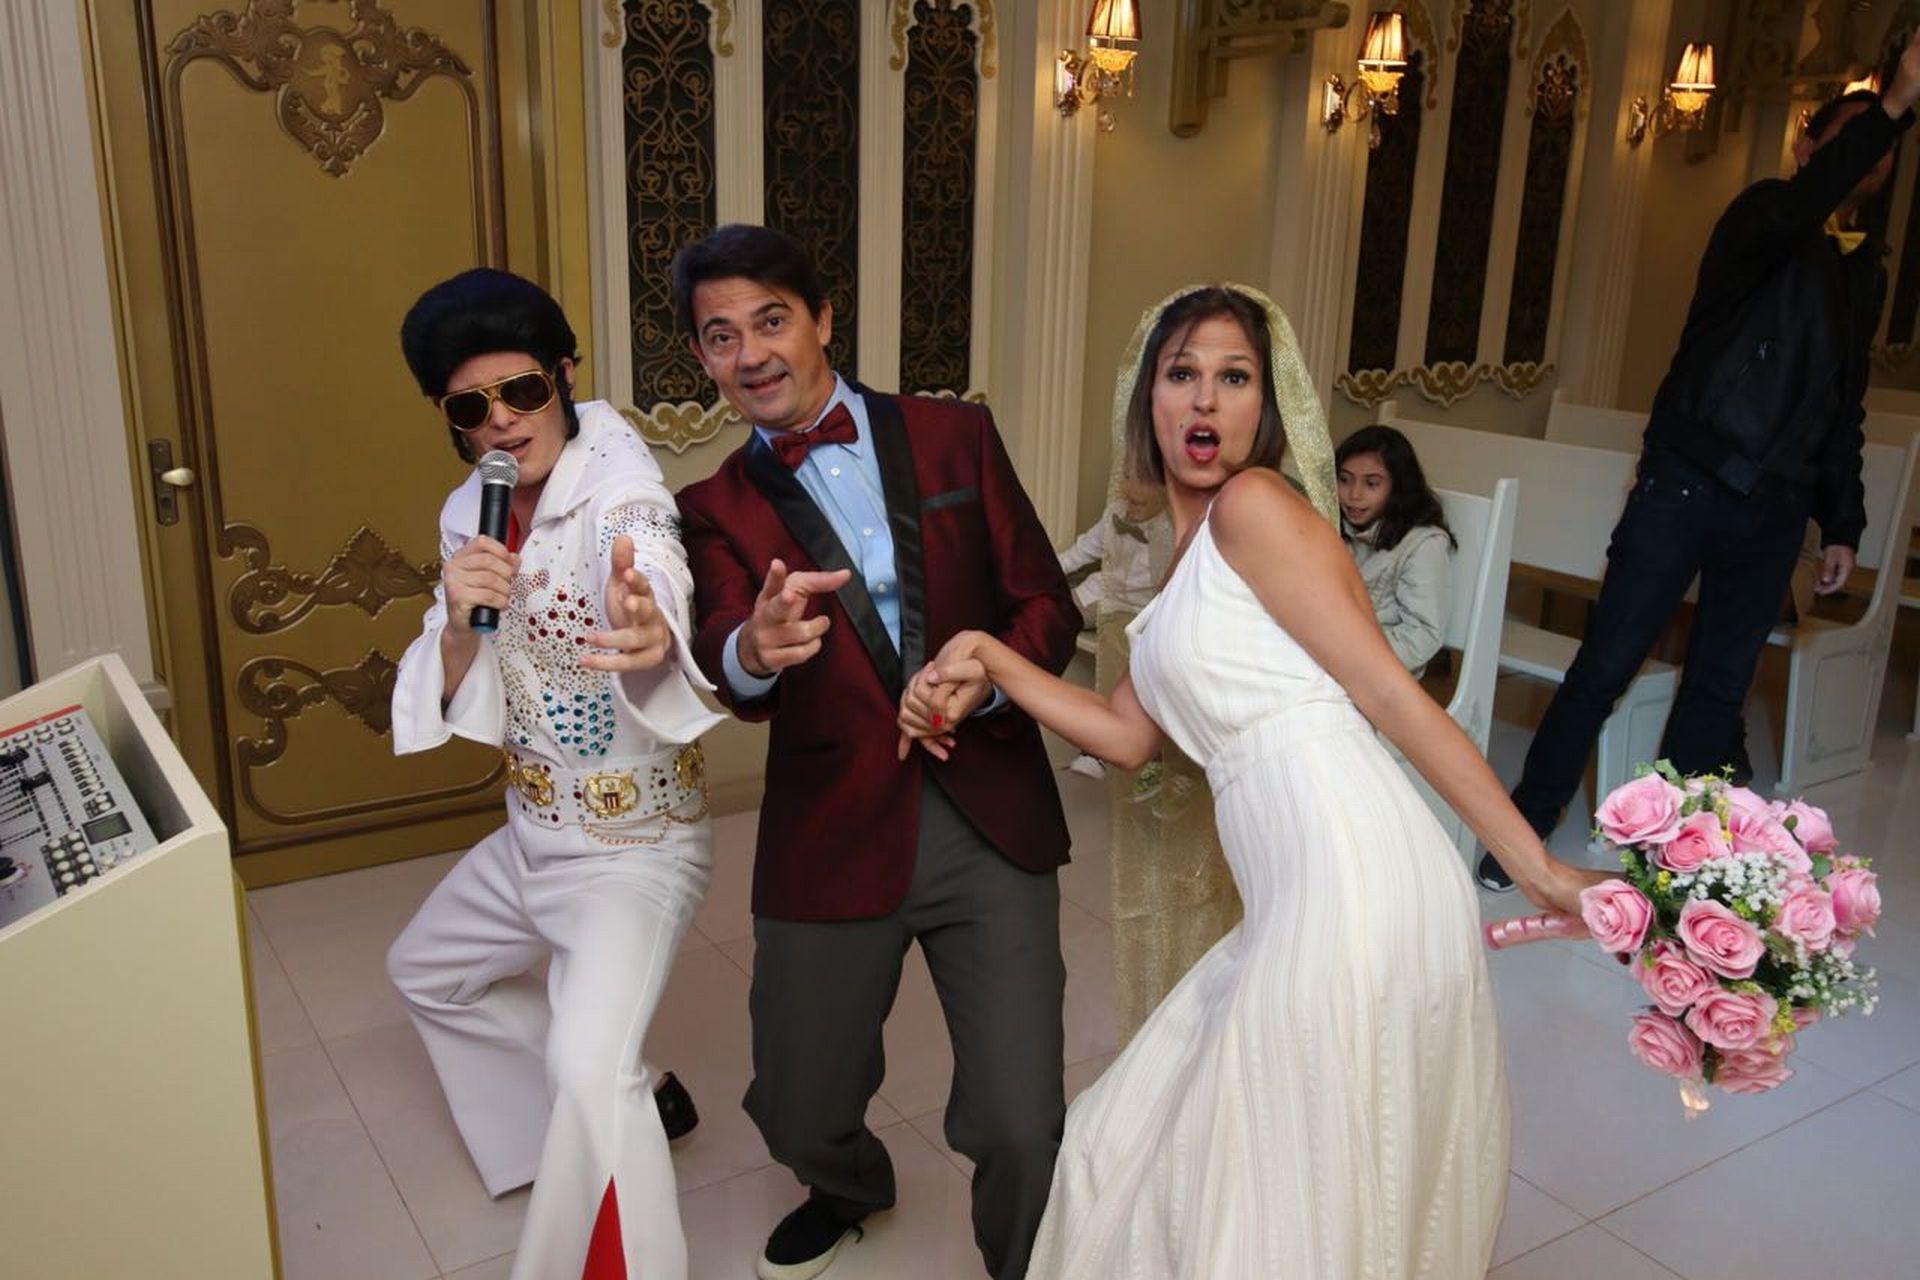 O casal de cariocas teve o rei Elvis Presley como celebrante. Foto: acervo pessoal.